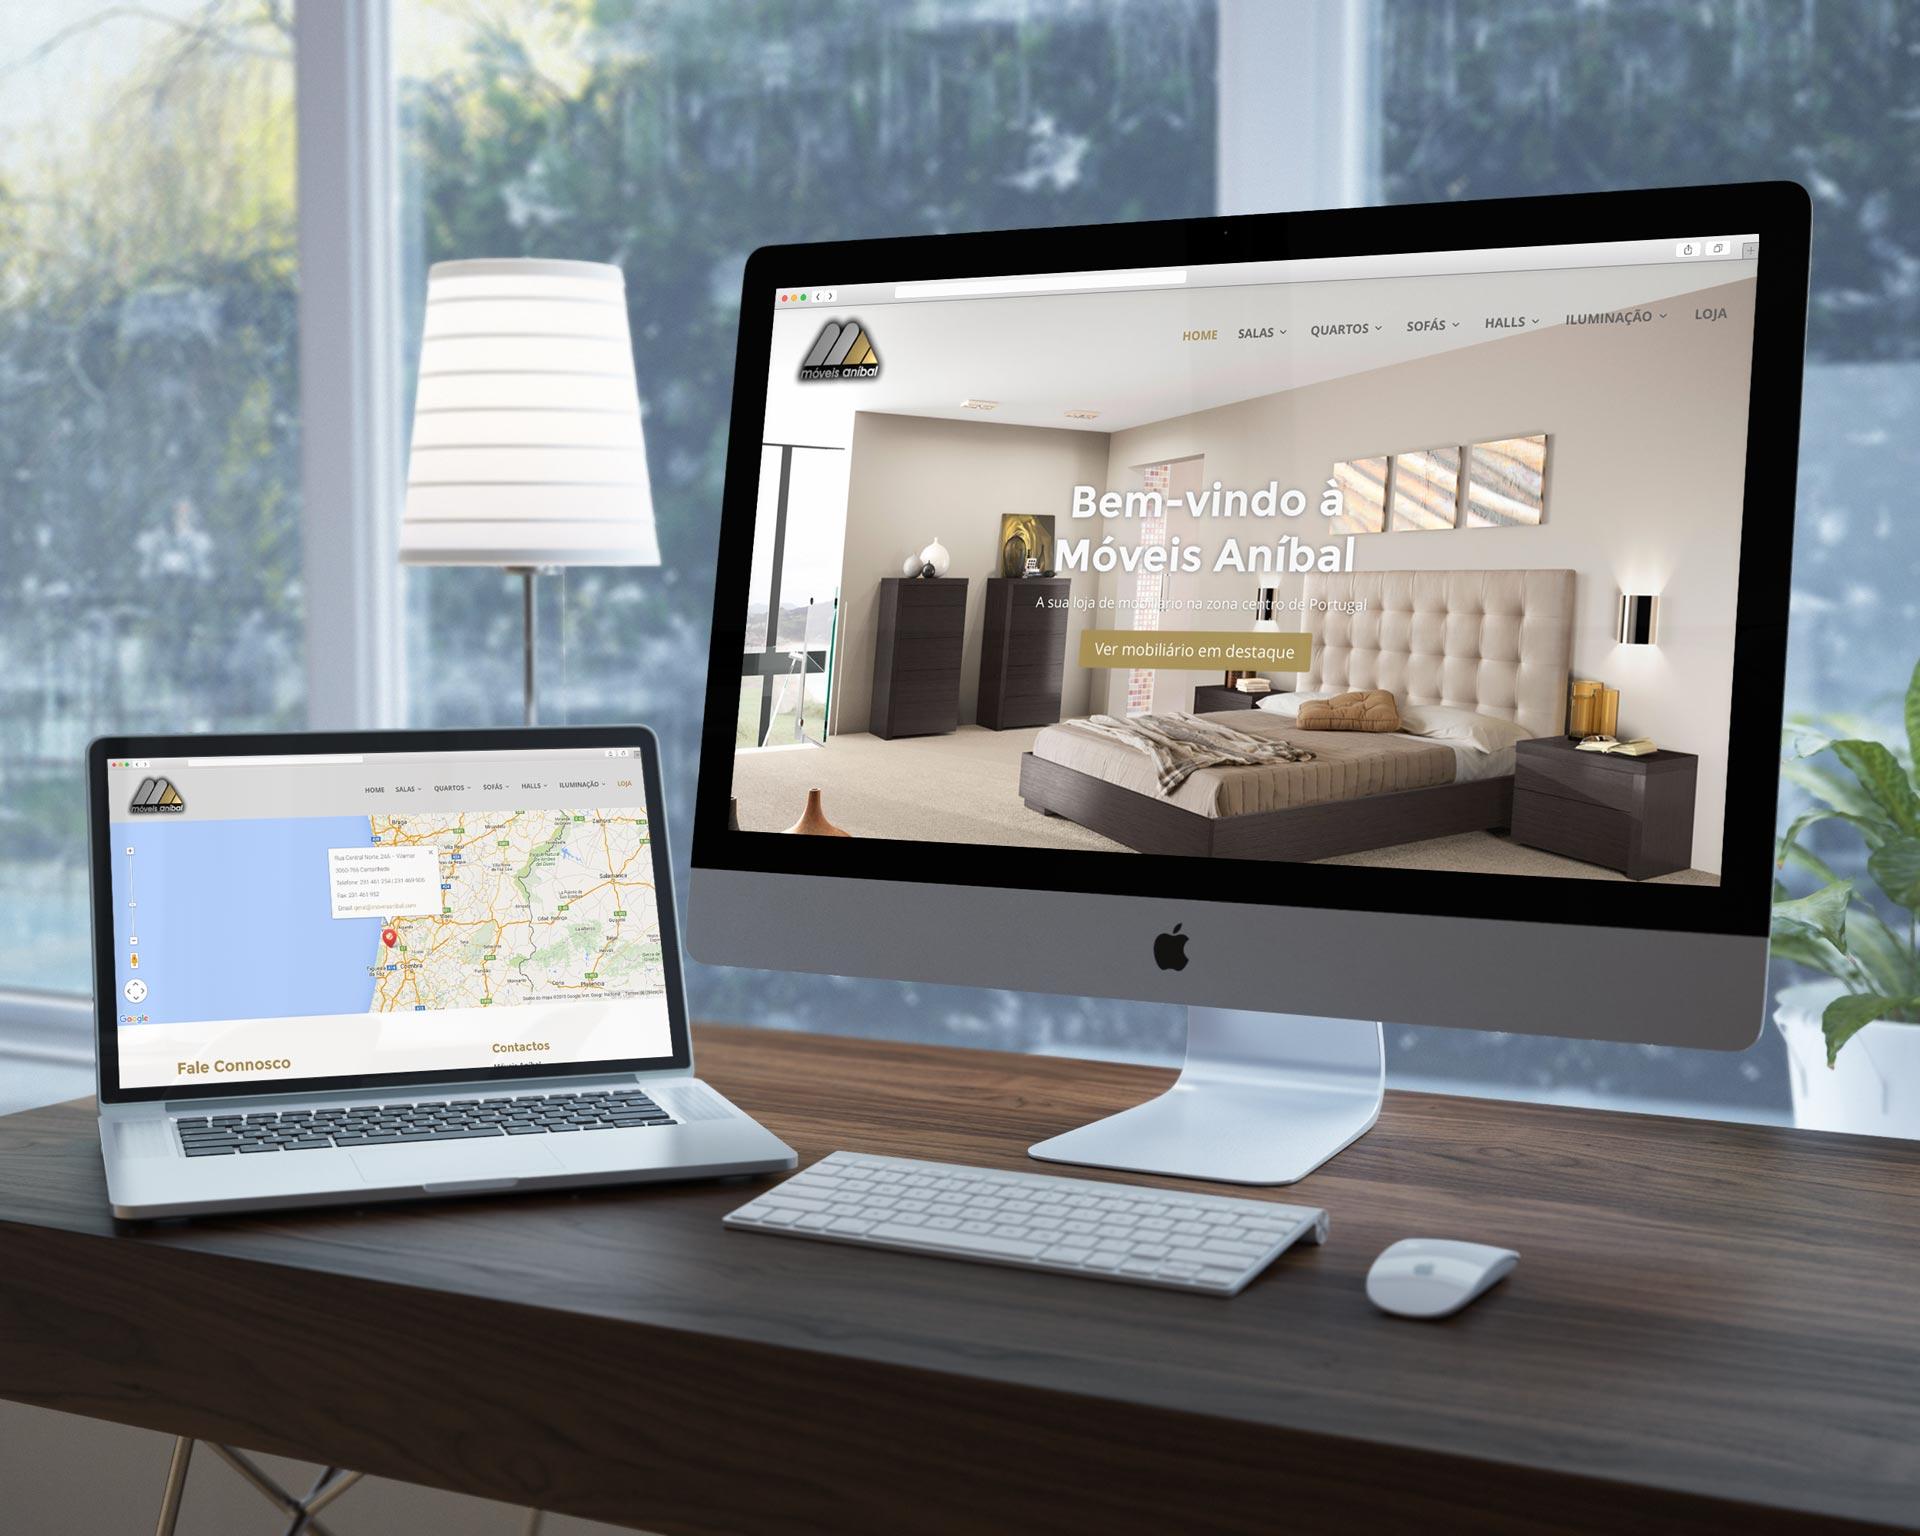 novo-website-moveis-anibal-desenvolvido-estratega-00